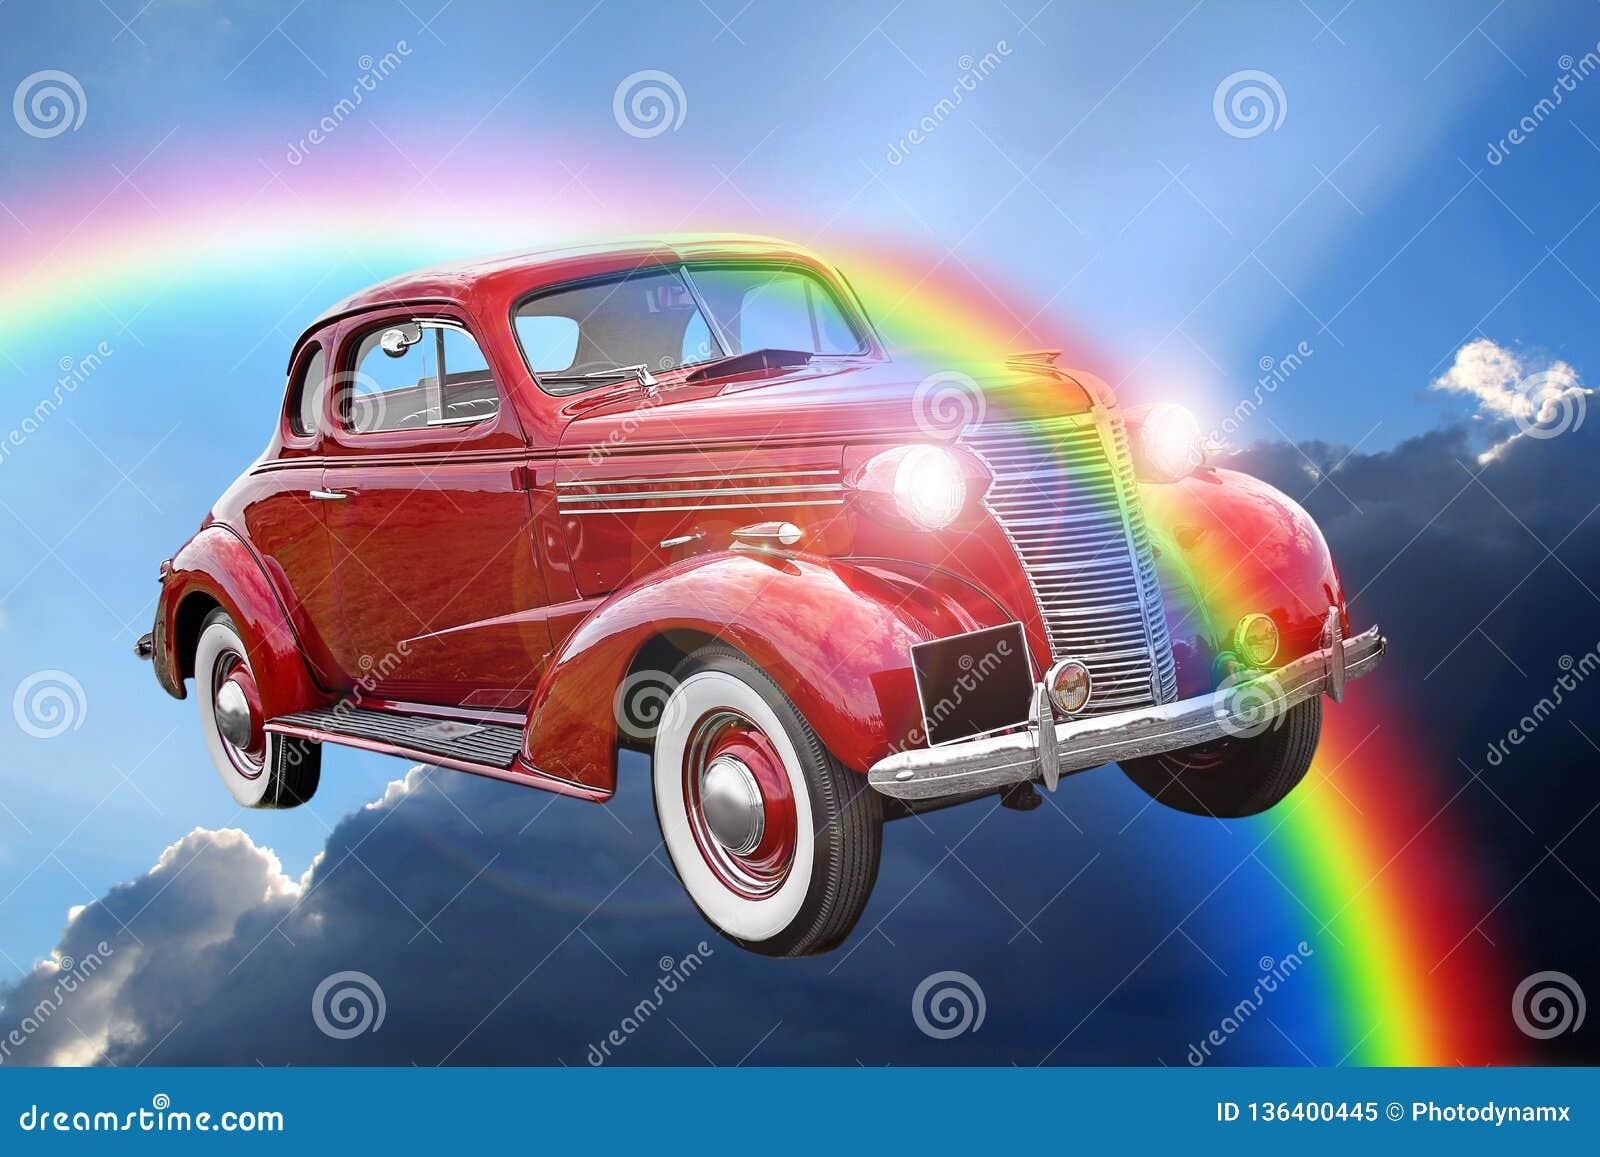 Εκλεκτής ποιότητας κλασικός γύρος αυτοκινήτων φαντασίας μέσω των σύννεφων ουράνιων τόξων